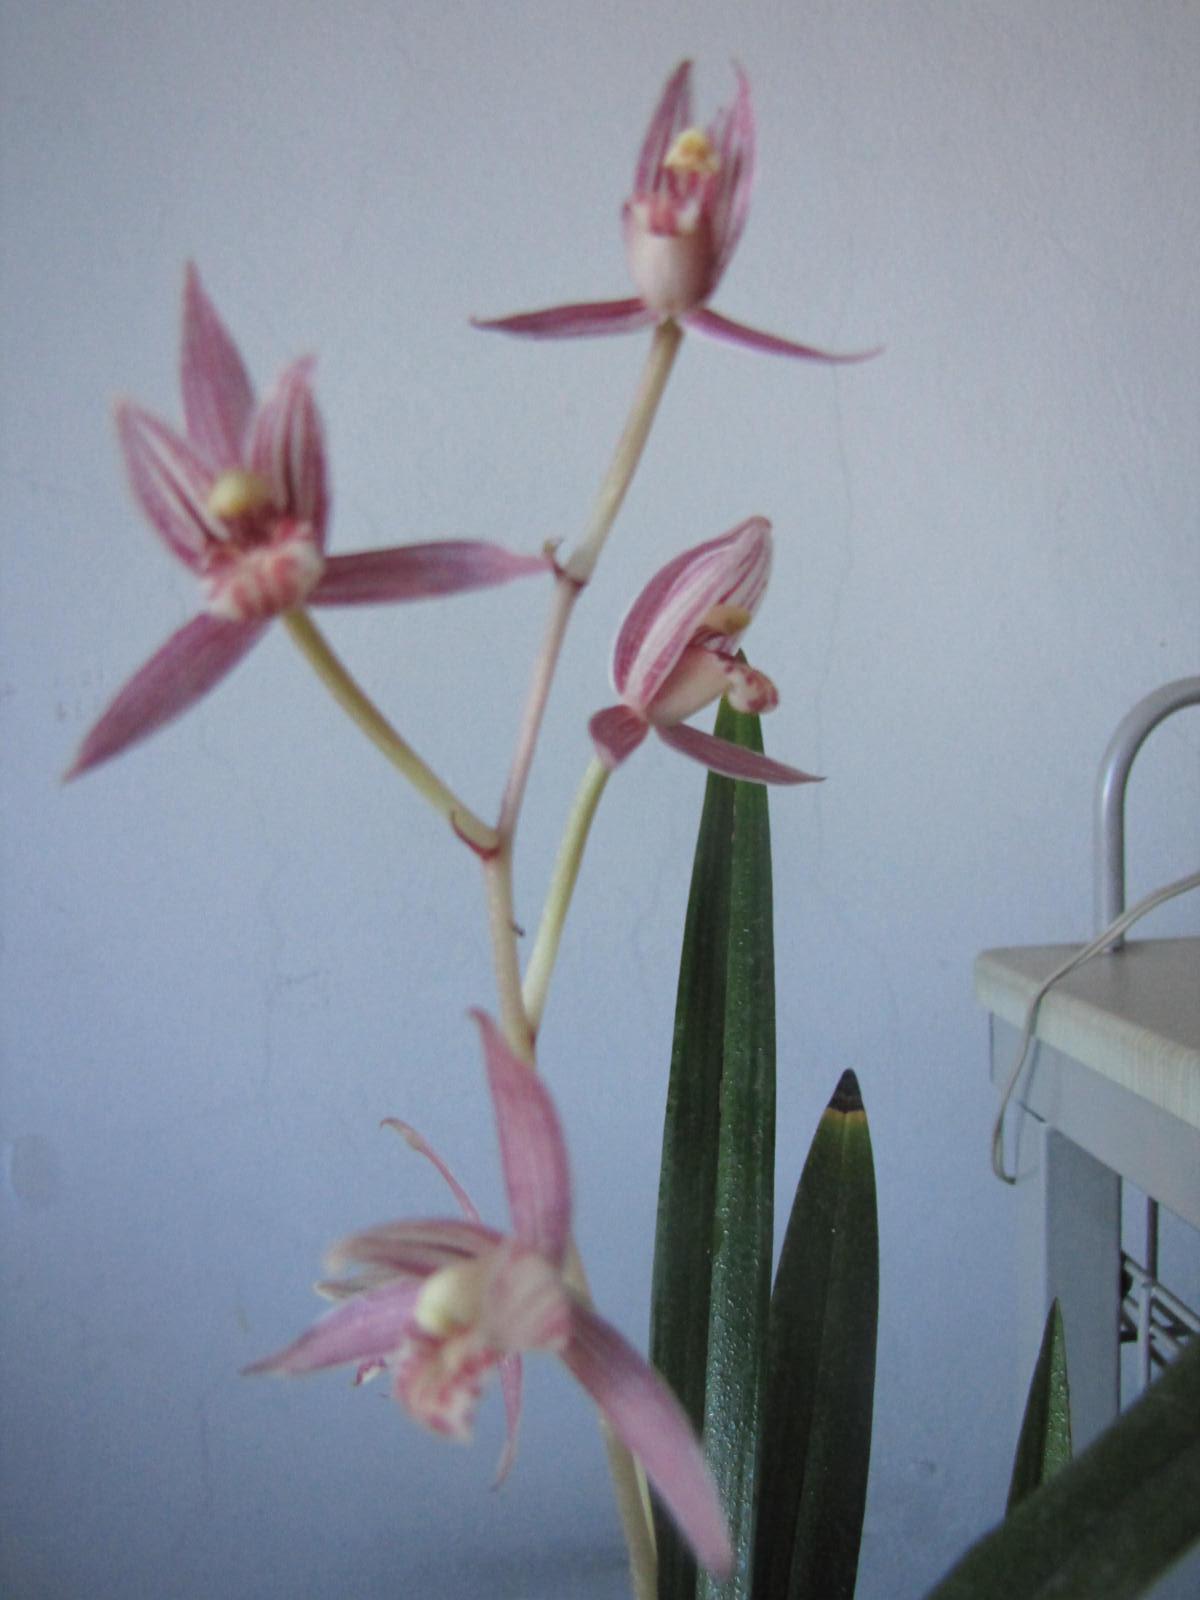 鲜花名称-这个花叫什么名字 现在忘记啦